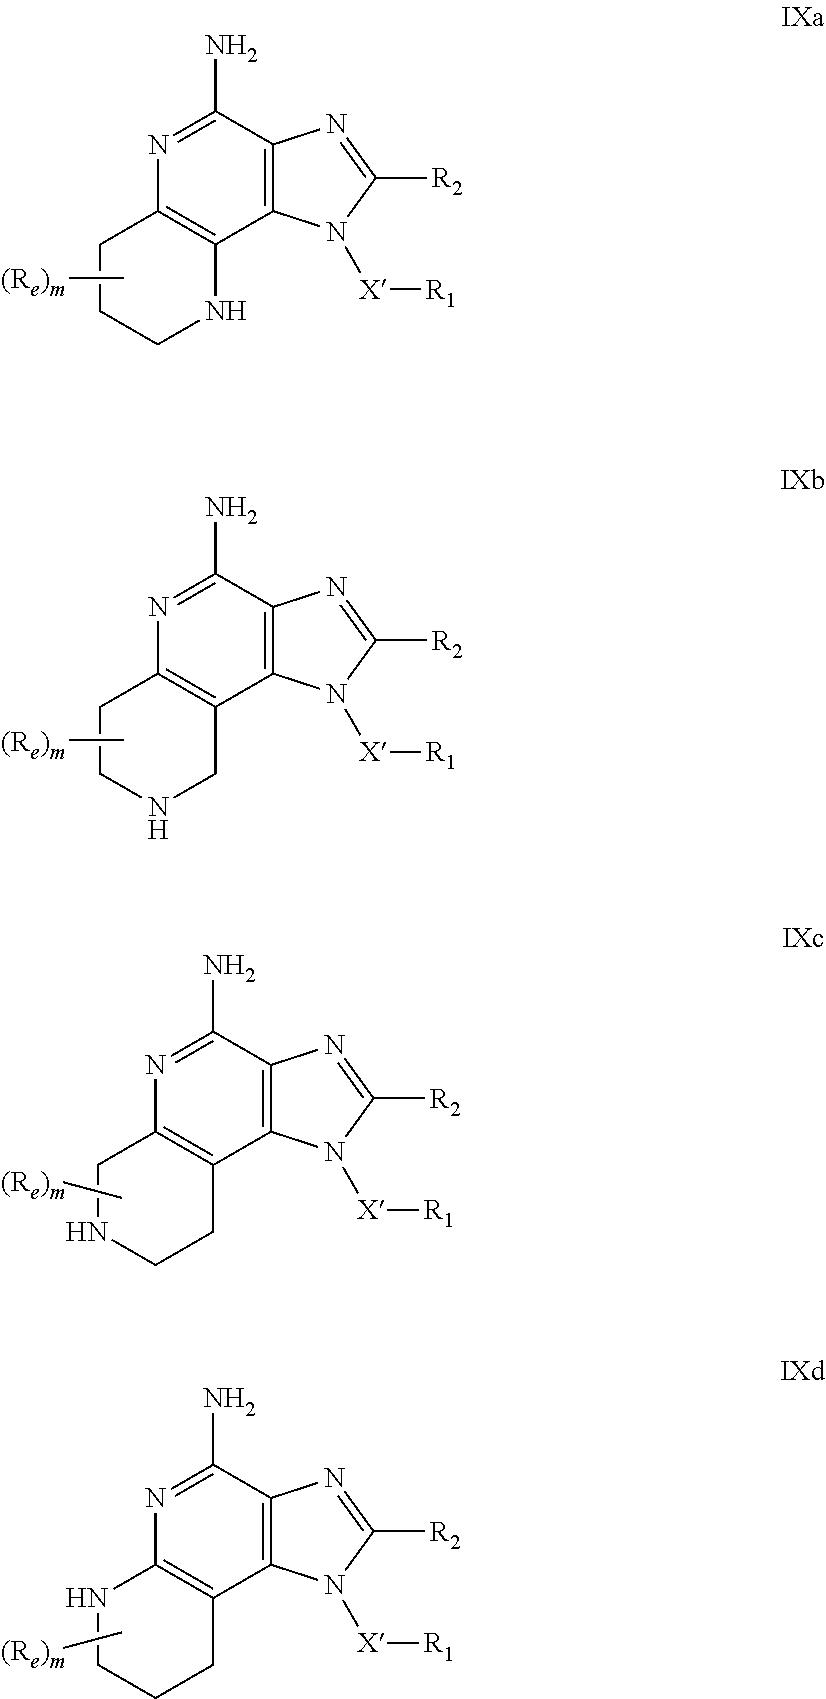 Figure US07915281-20110329-C00004